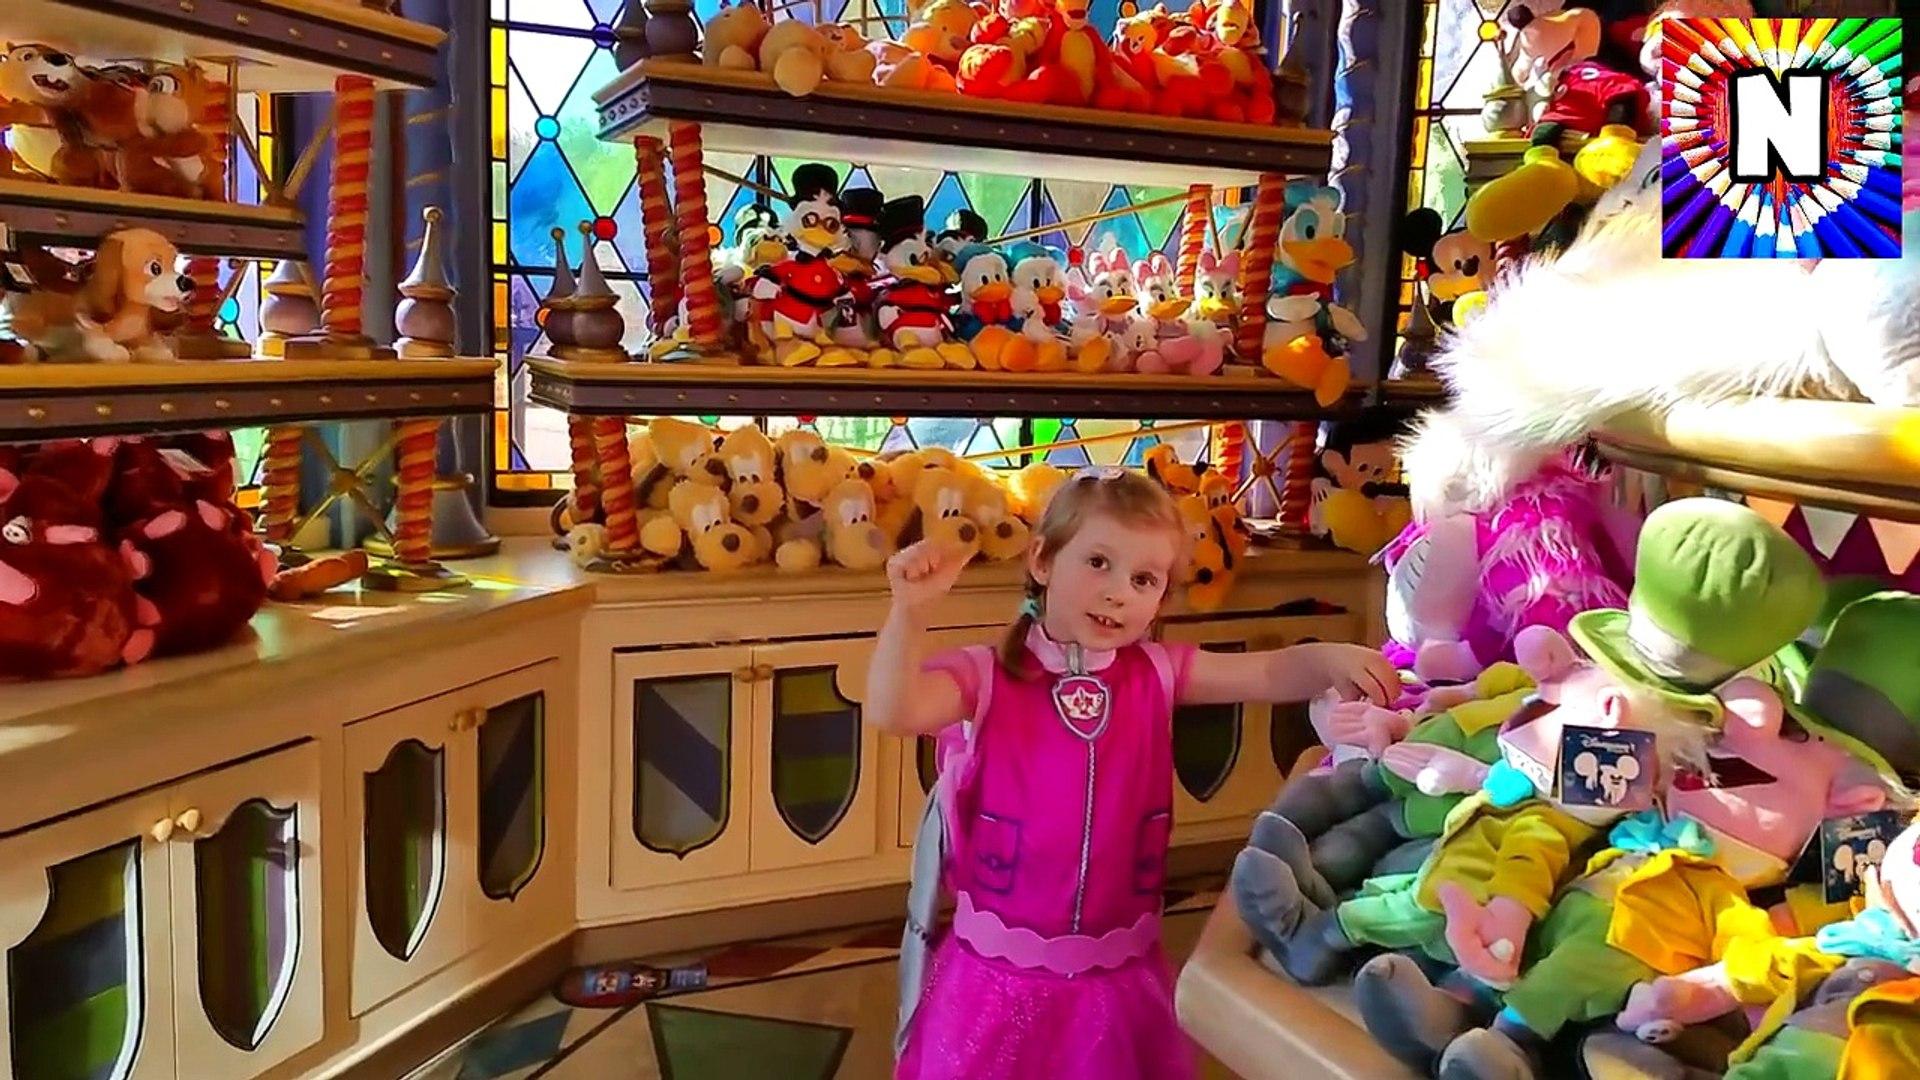 ВЛОГ ДЕТСКИЙ МАГАЗИН ИГРУШЕК Скай едет в магазин игрушек в Париже Все серии подряд Kids euro show